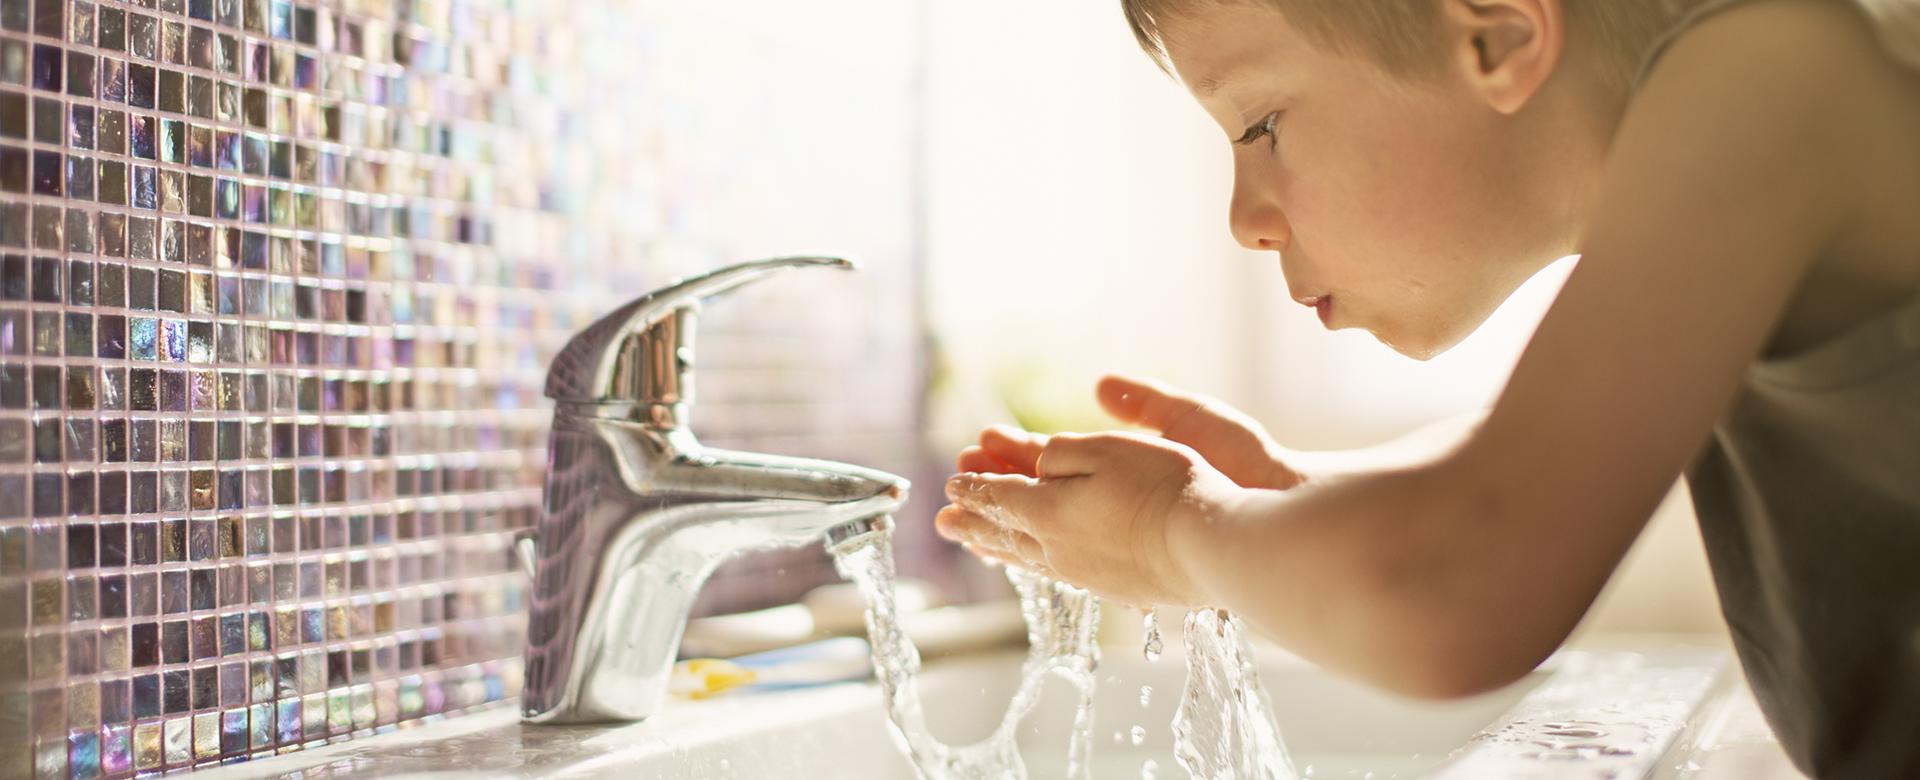 Des permanences pour toutes questions relatives au service de l'eau et de l'assainissement